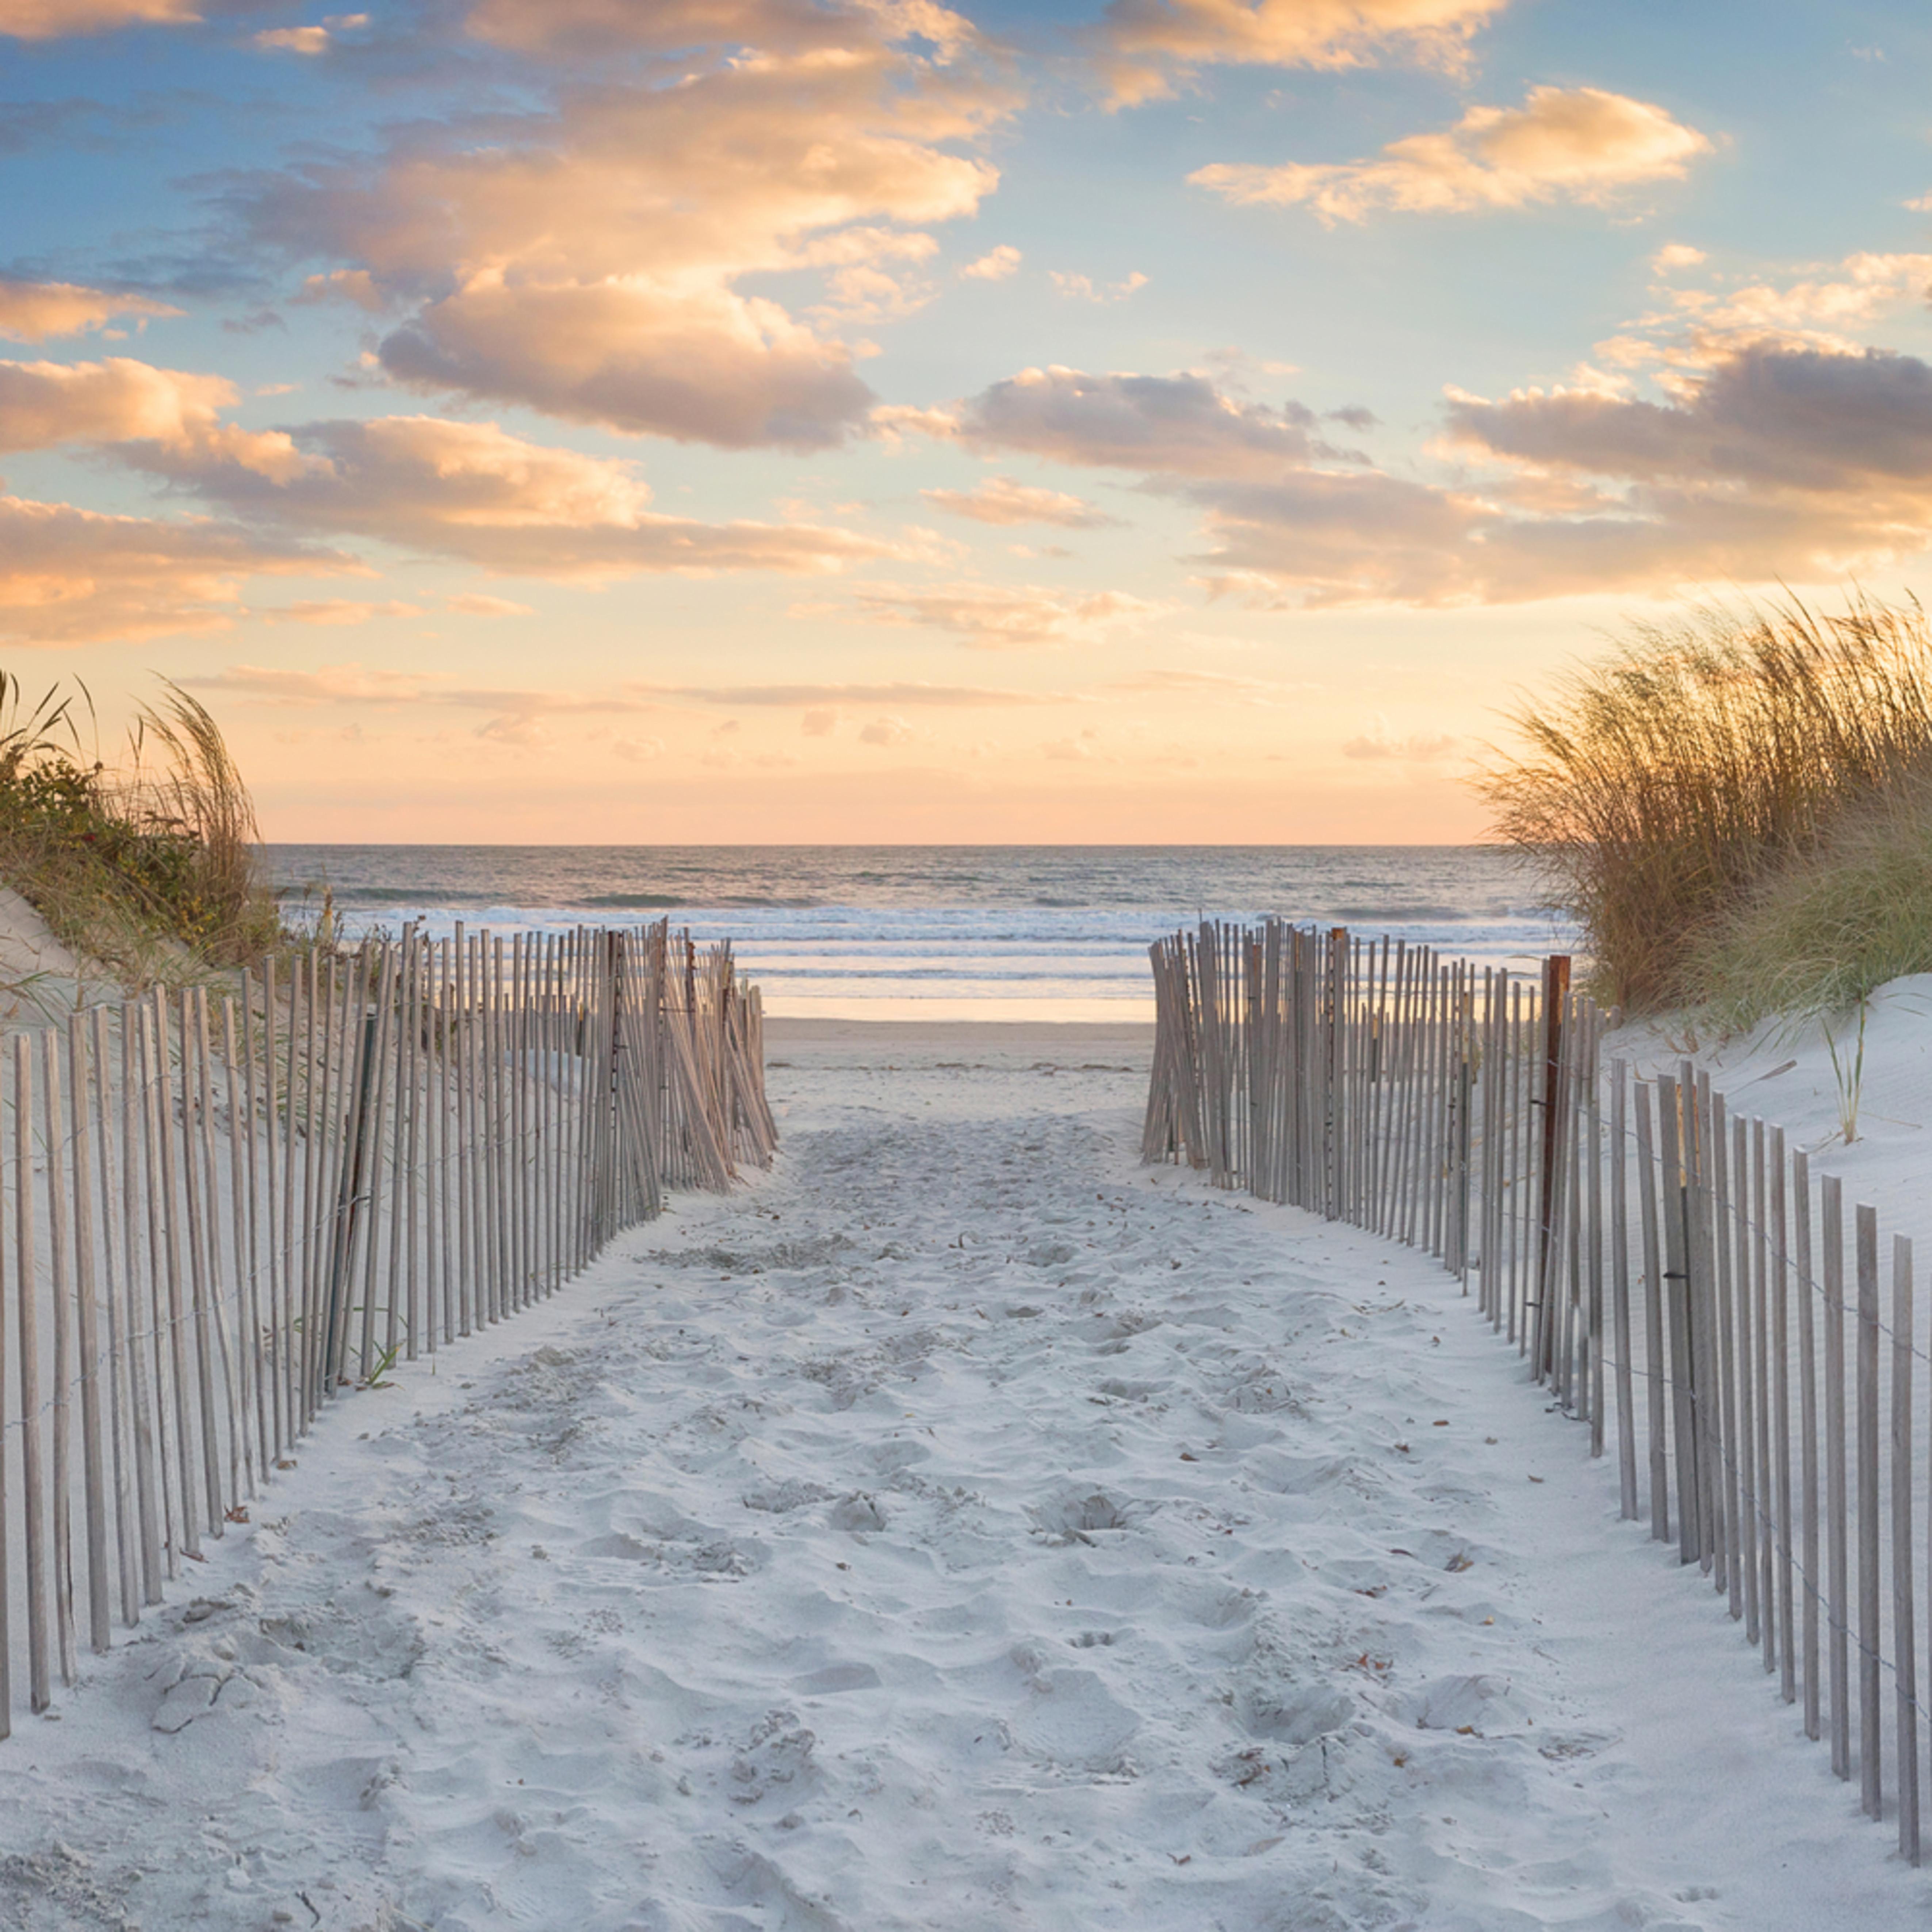 Sachuest beach second beach middletown sunset 20151113 0396 pano best 35x60 light uhzy9p